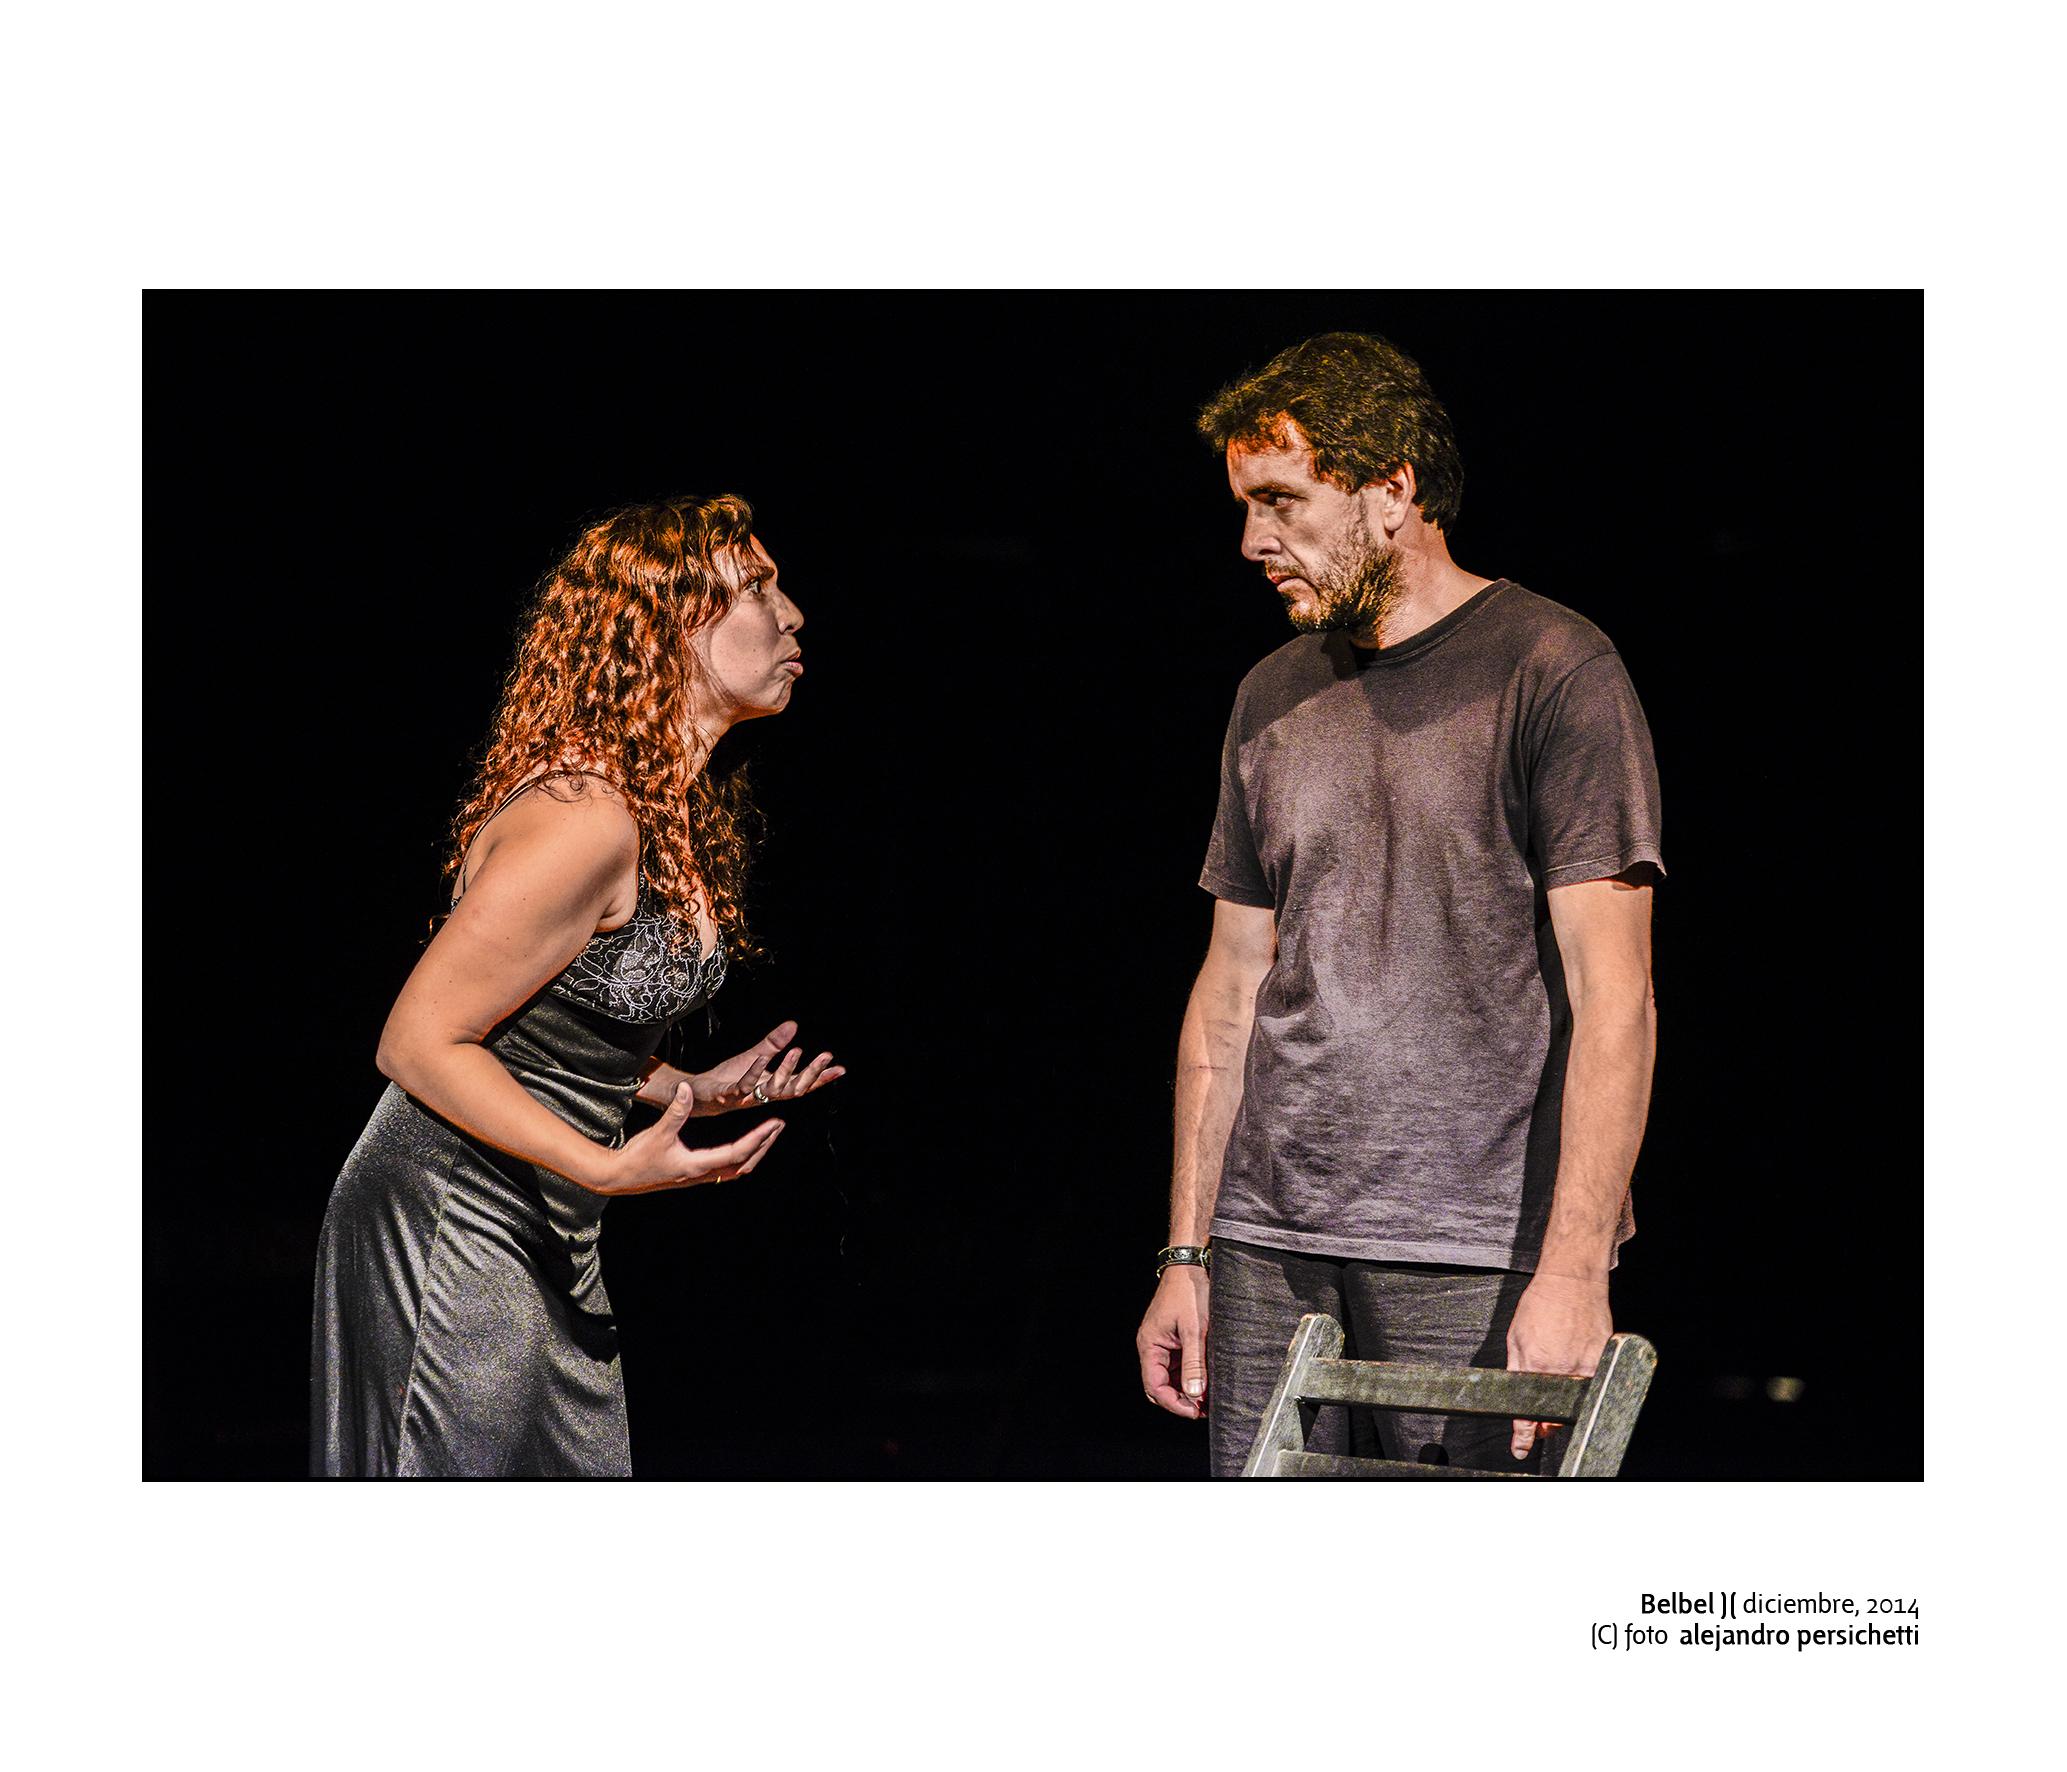 Belbel  0124 (C)A_Persichetti